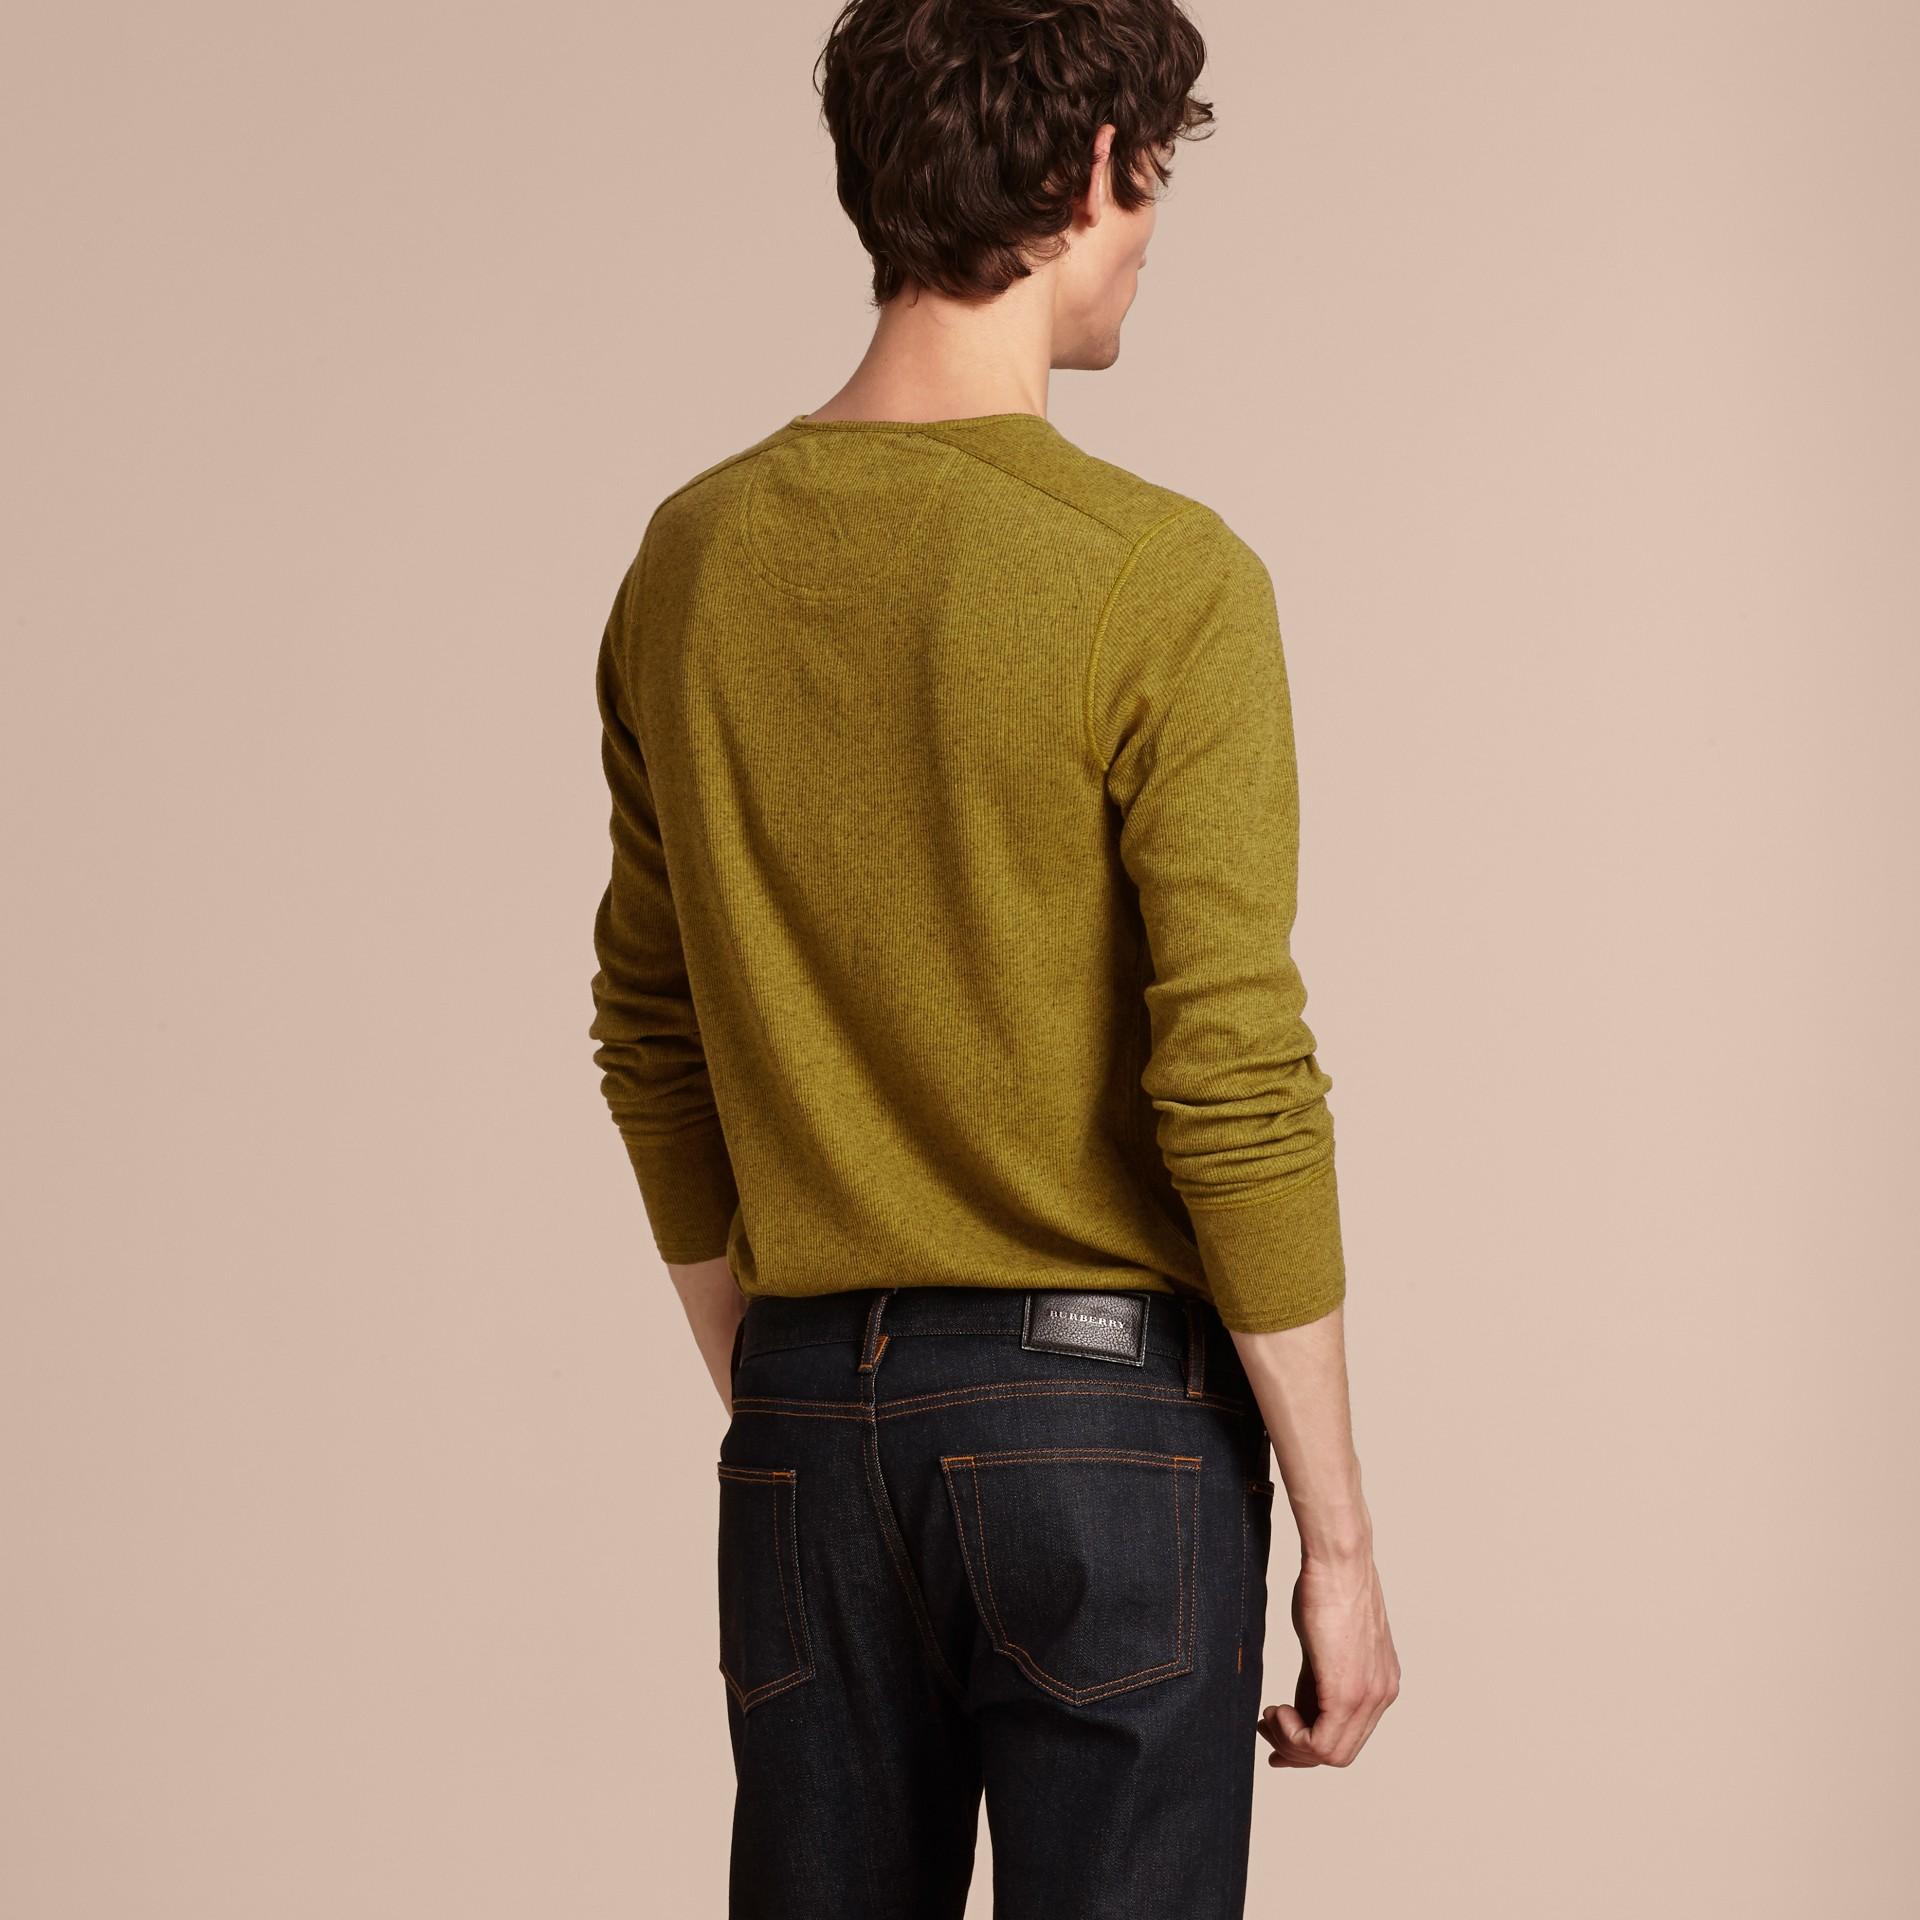 Olive green Camisa Henley de lã e algodão canelados Olive Green - galeria de imagens 3